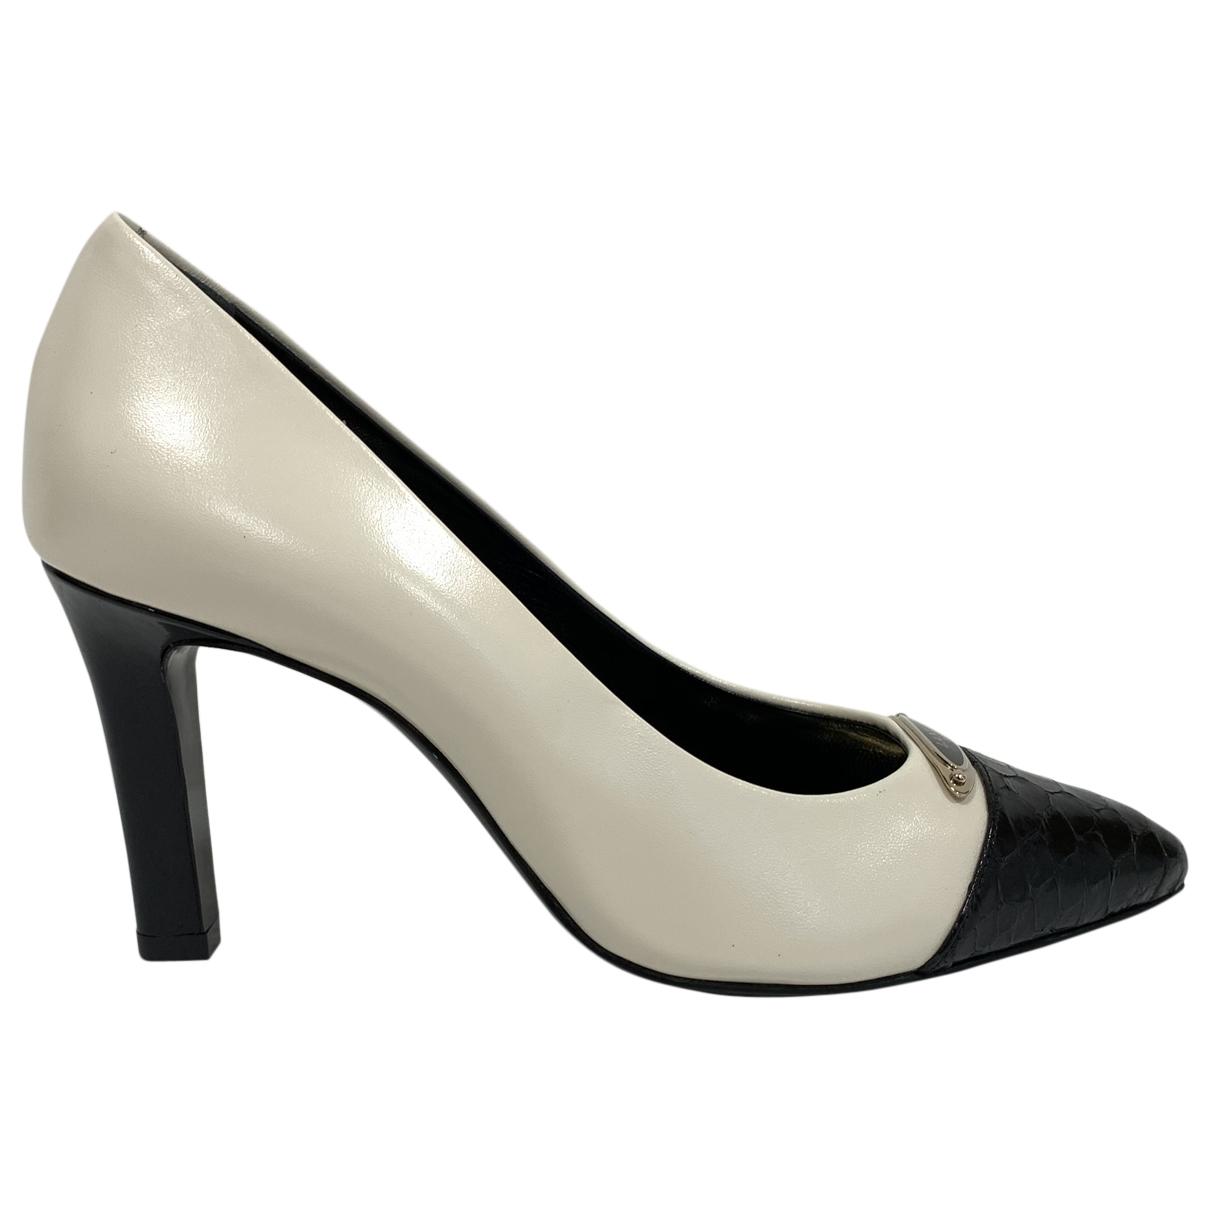 Lanvin \N Ecru Leather Heels for Women 37 EU